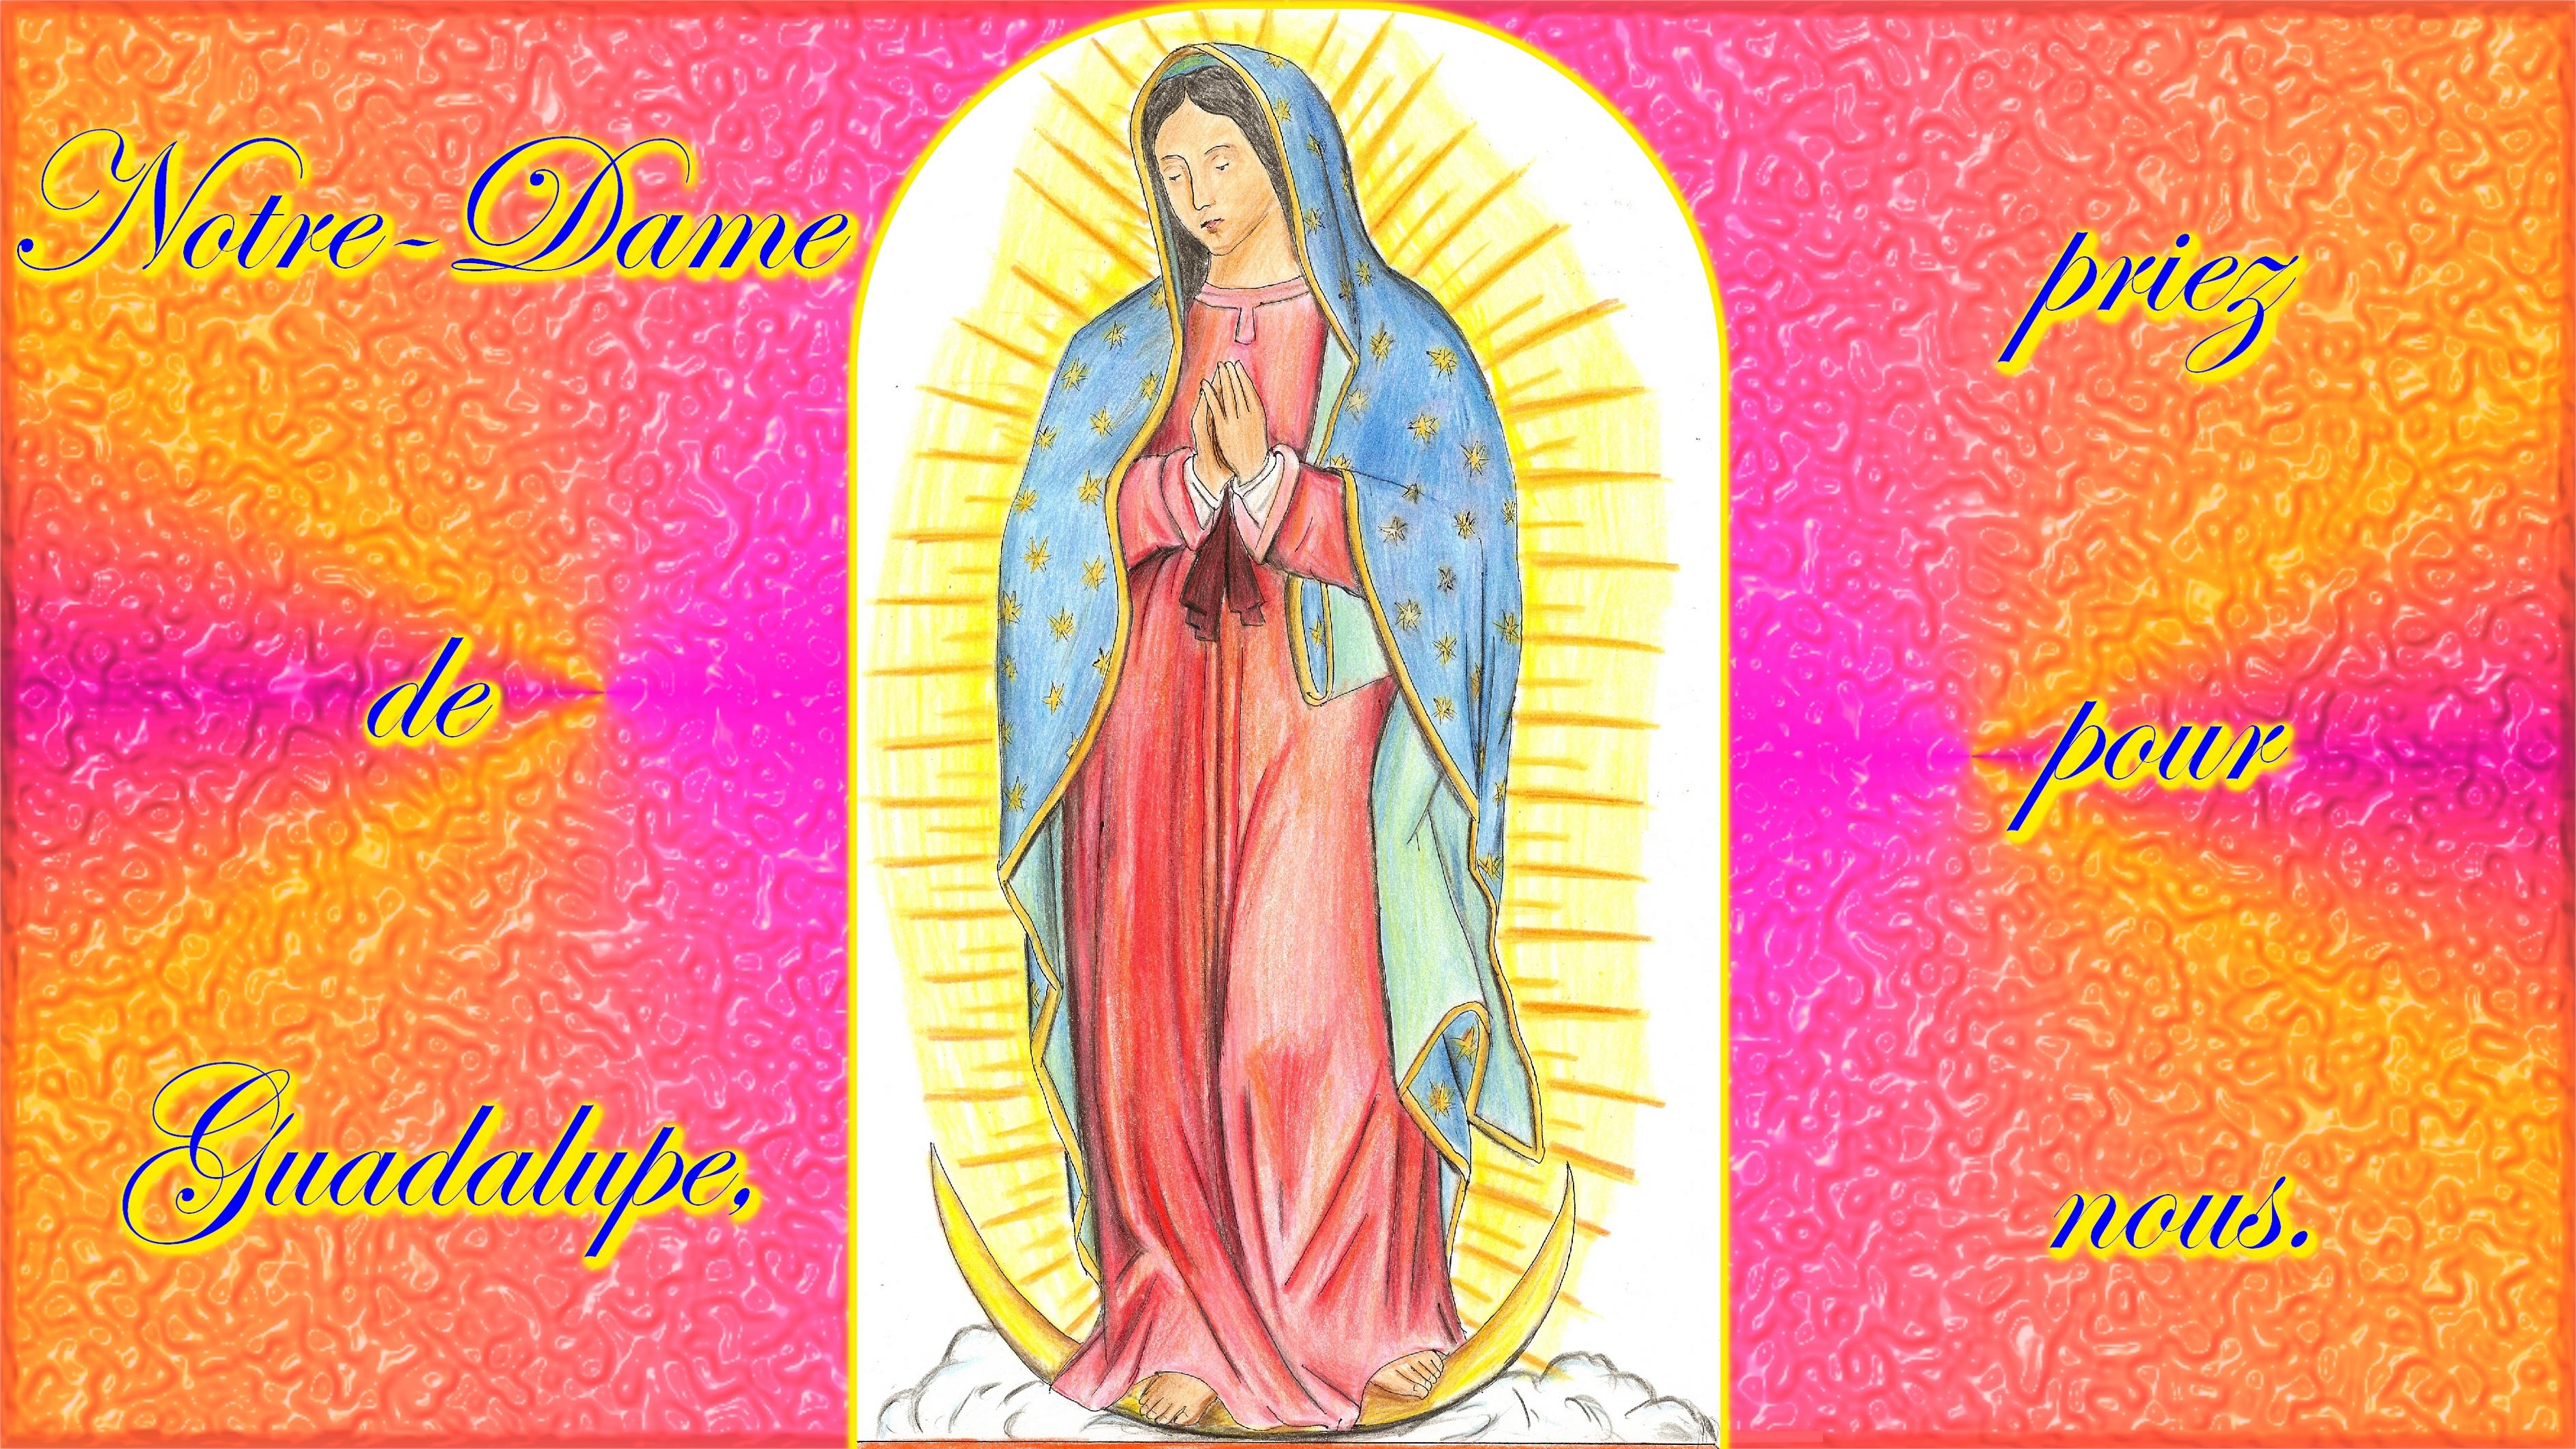 CALENDRIER CATHOLIQUE 2019 (Cantiques, Prières & Images) - Page 18 Notre-dame-de-guadalupe-56da78d